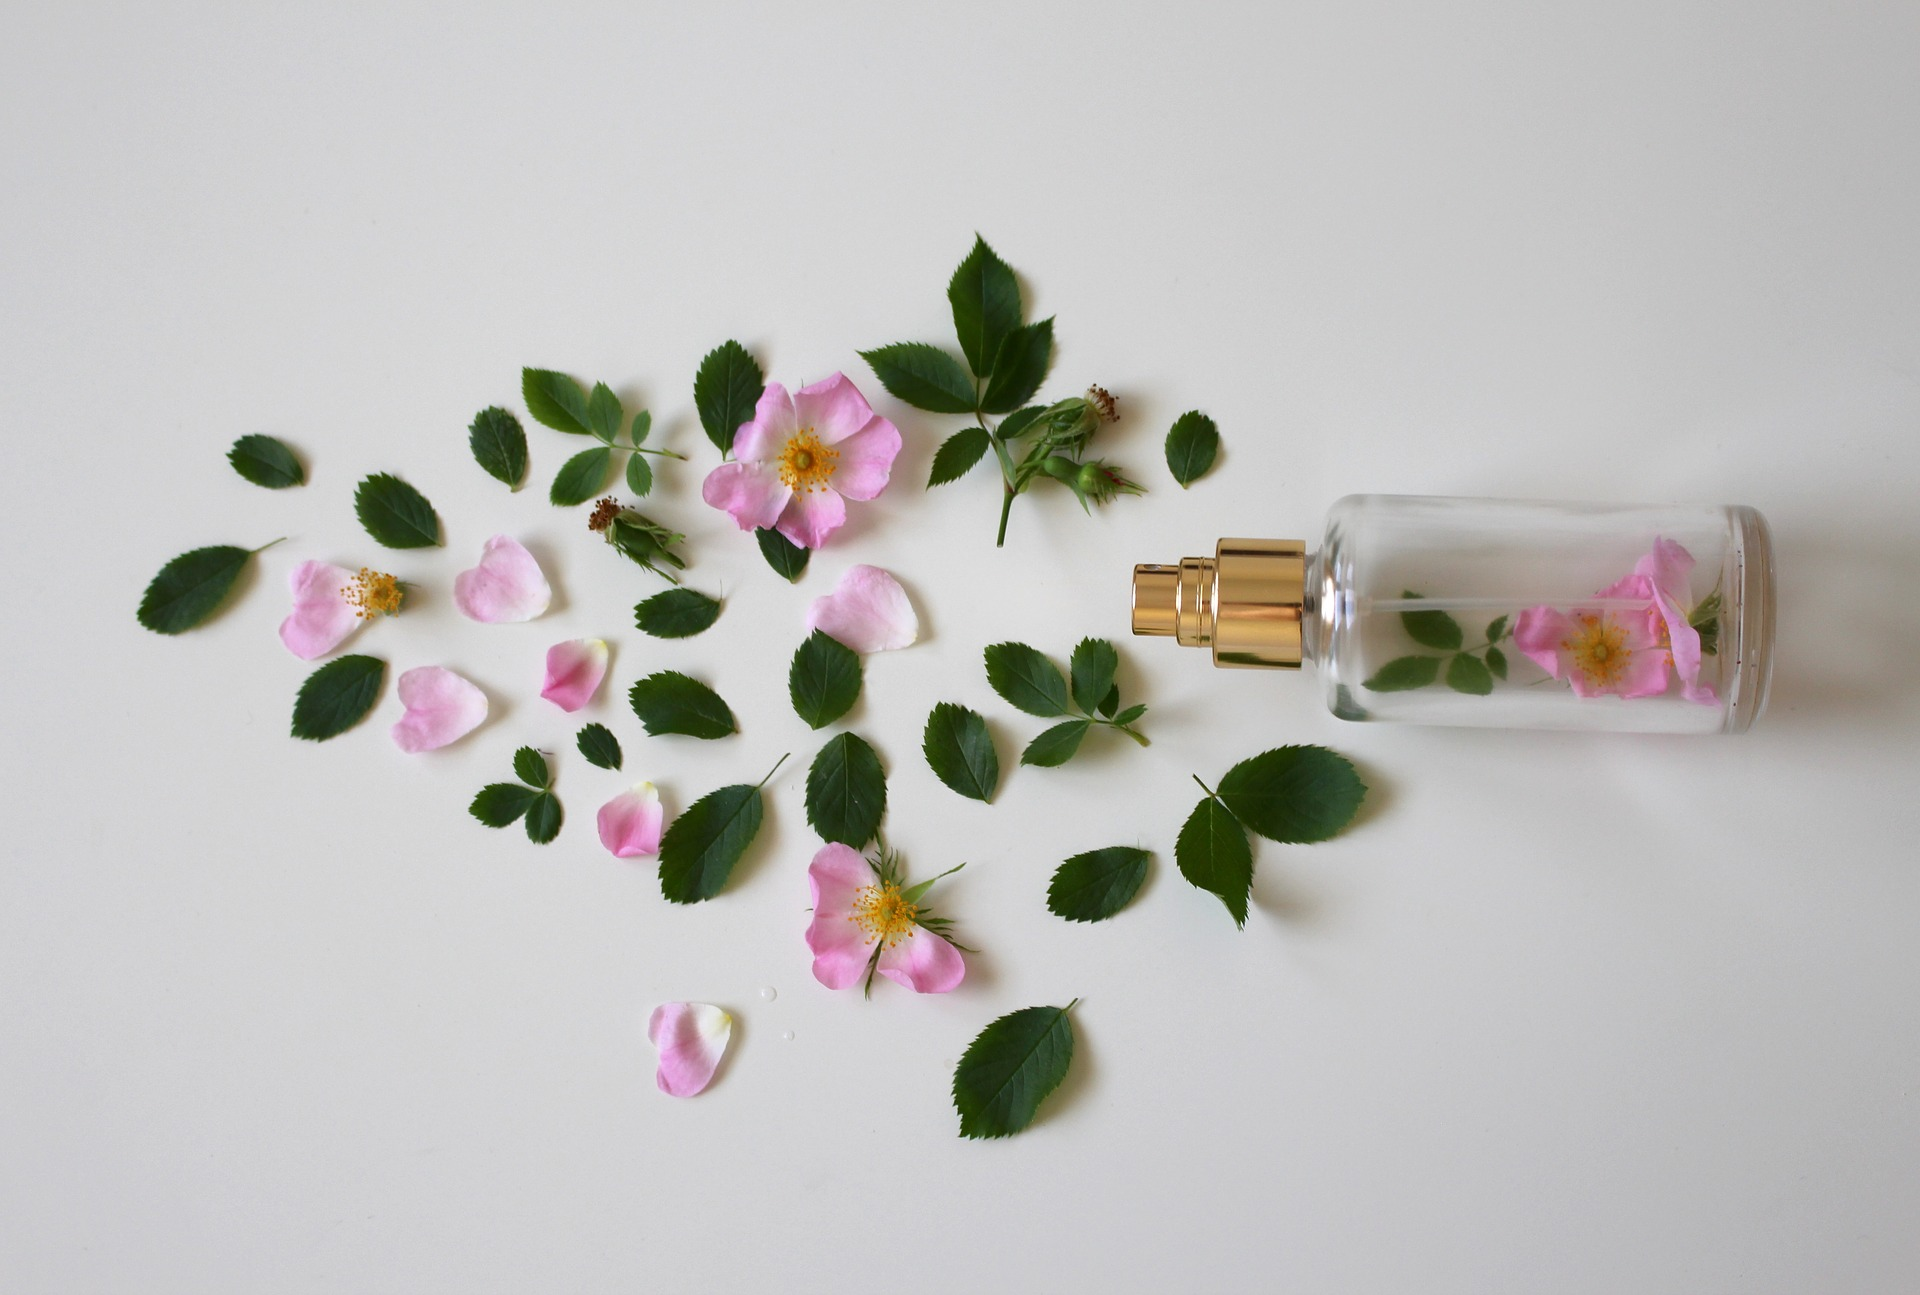 parfum naturel en cosmétique